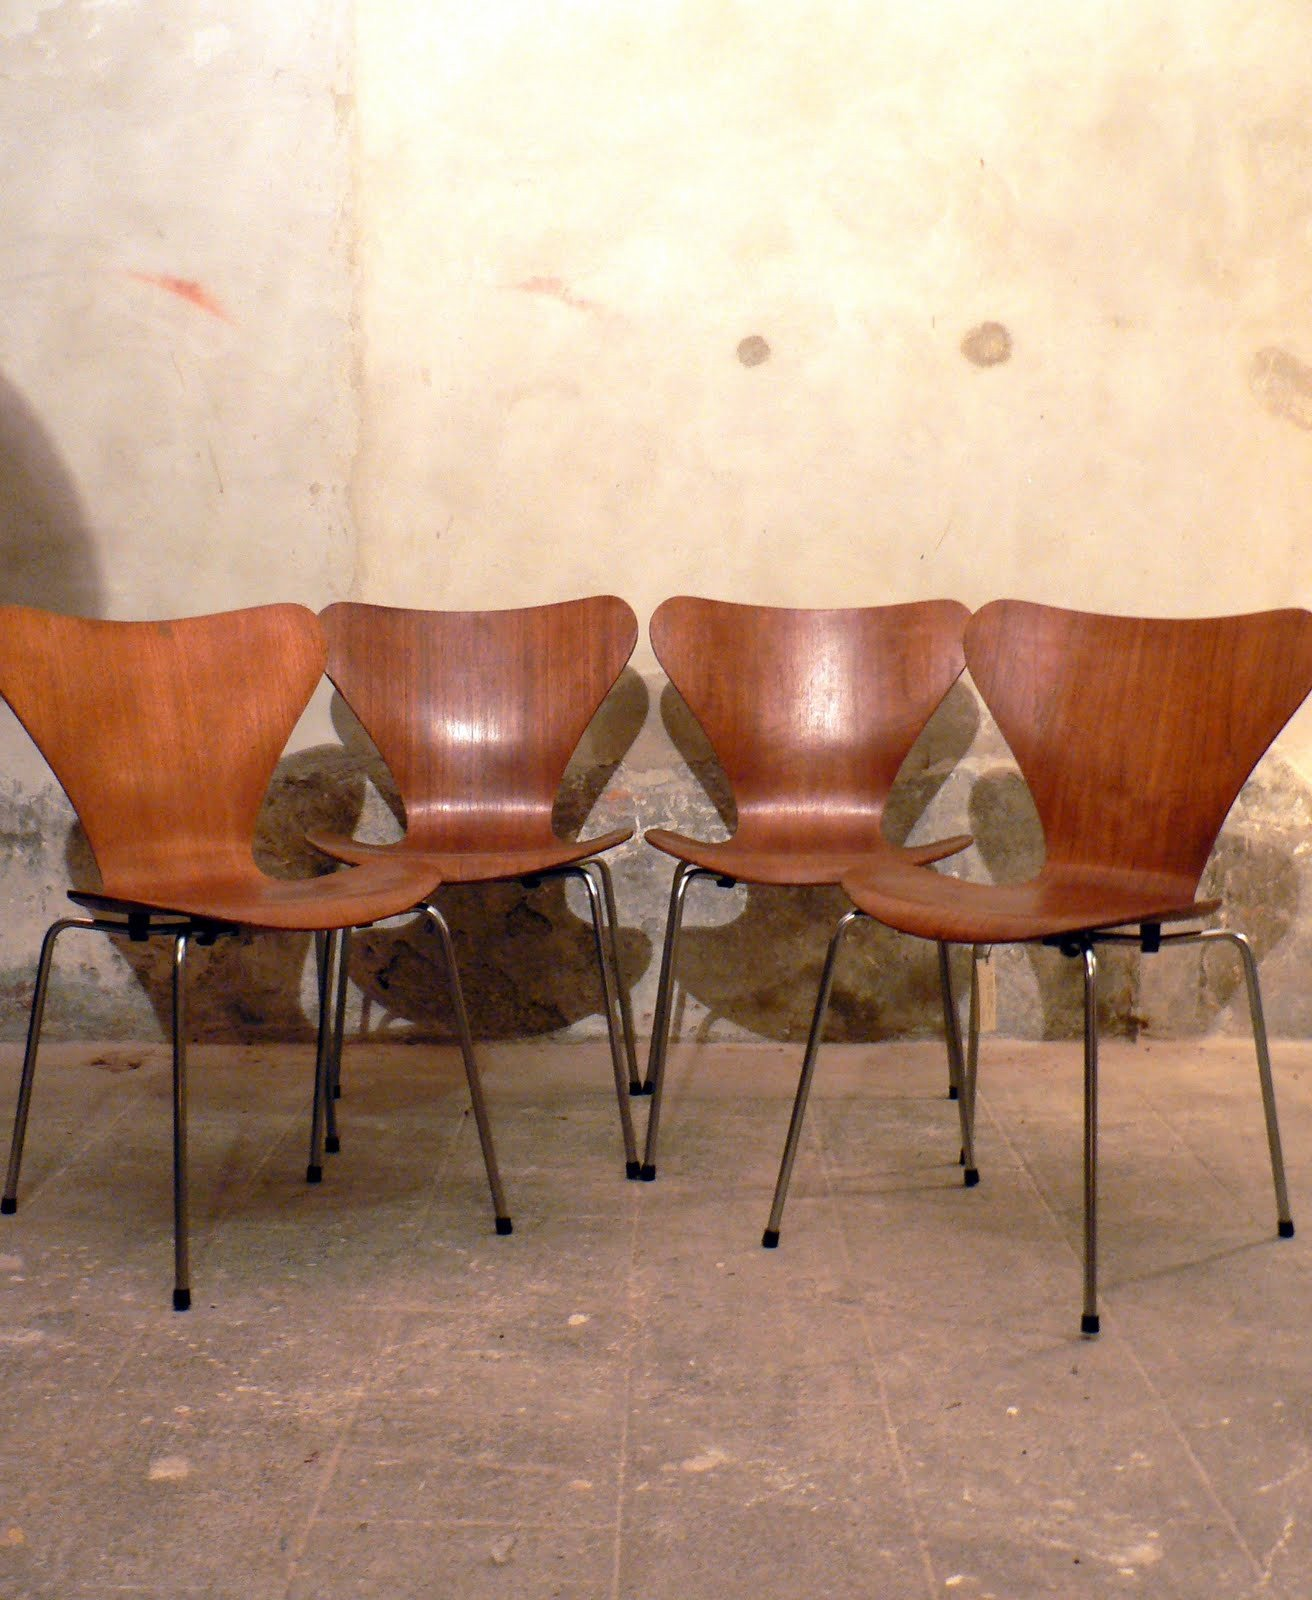 set of 4 serie 7 chairs arne jacobsen 1973 design market. Black Bedroom Furniture Sets. Home Design Ideas